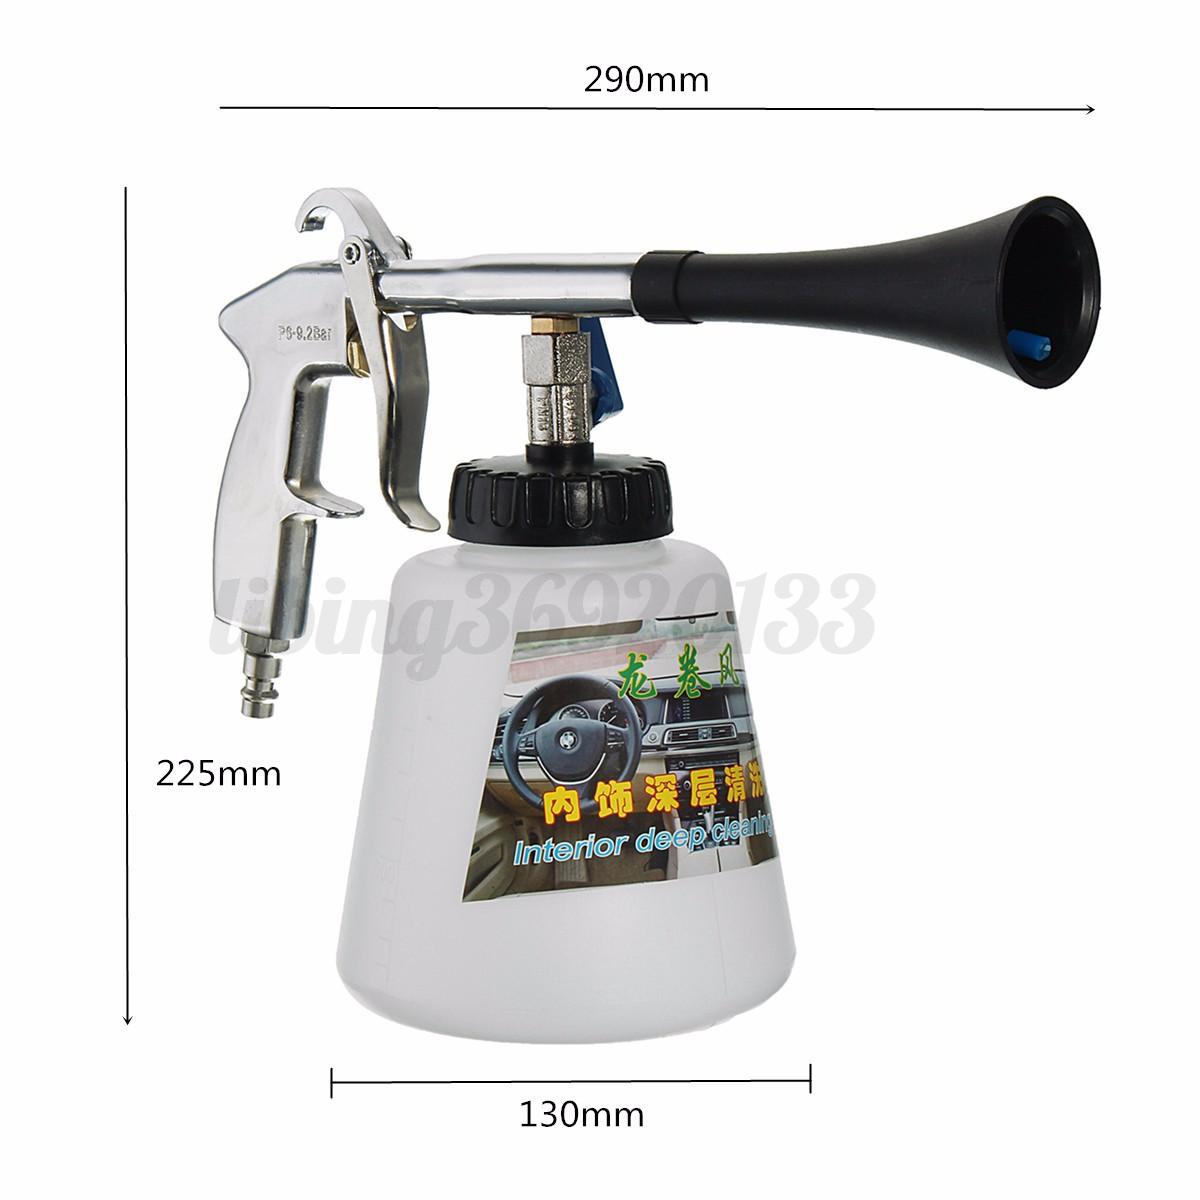 pistolet nettoyage lavage nettoyeur portable automobile voiture air comprim ebay. Black Bedroom Furniture Sets. Home Design Ideas